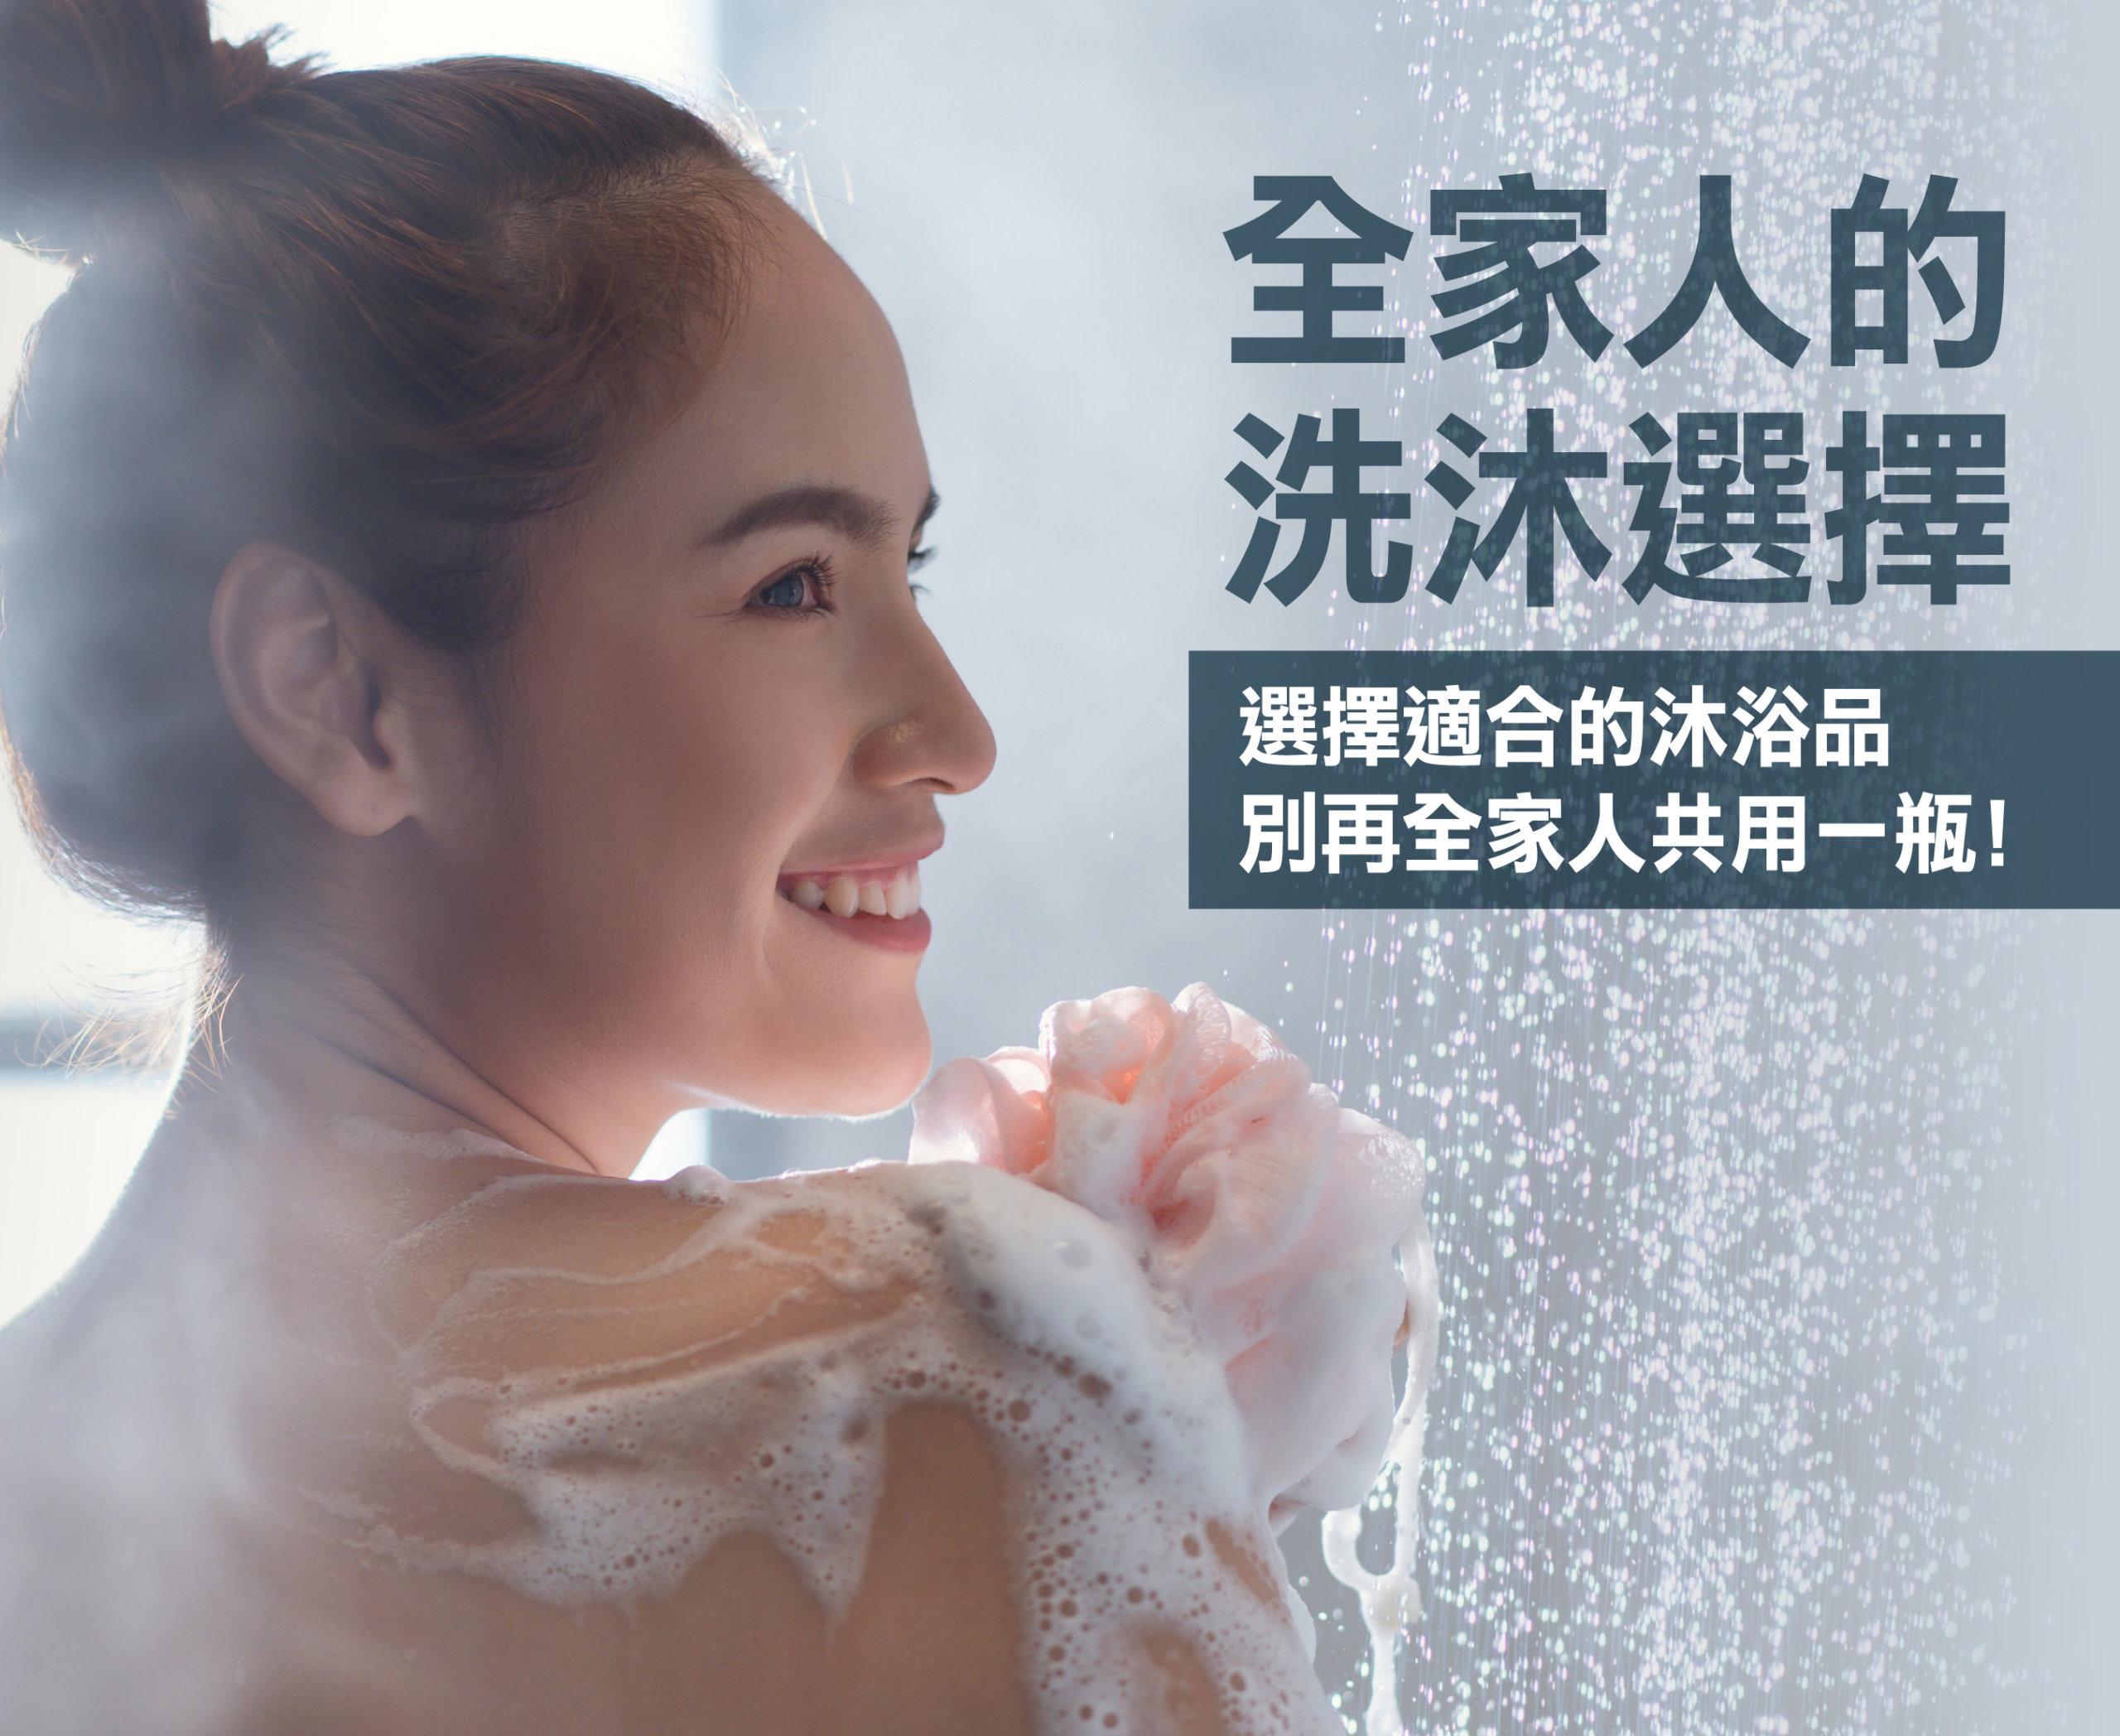 肌膚會善變,沐浴品也要多變,別再全家人共用一瓶沐浴品